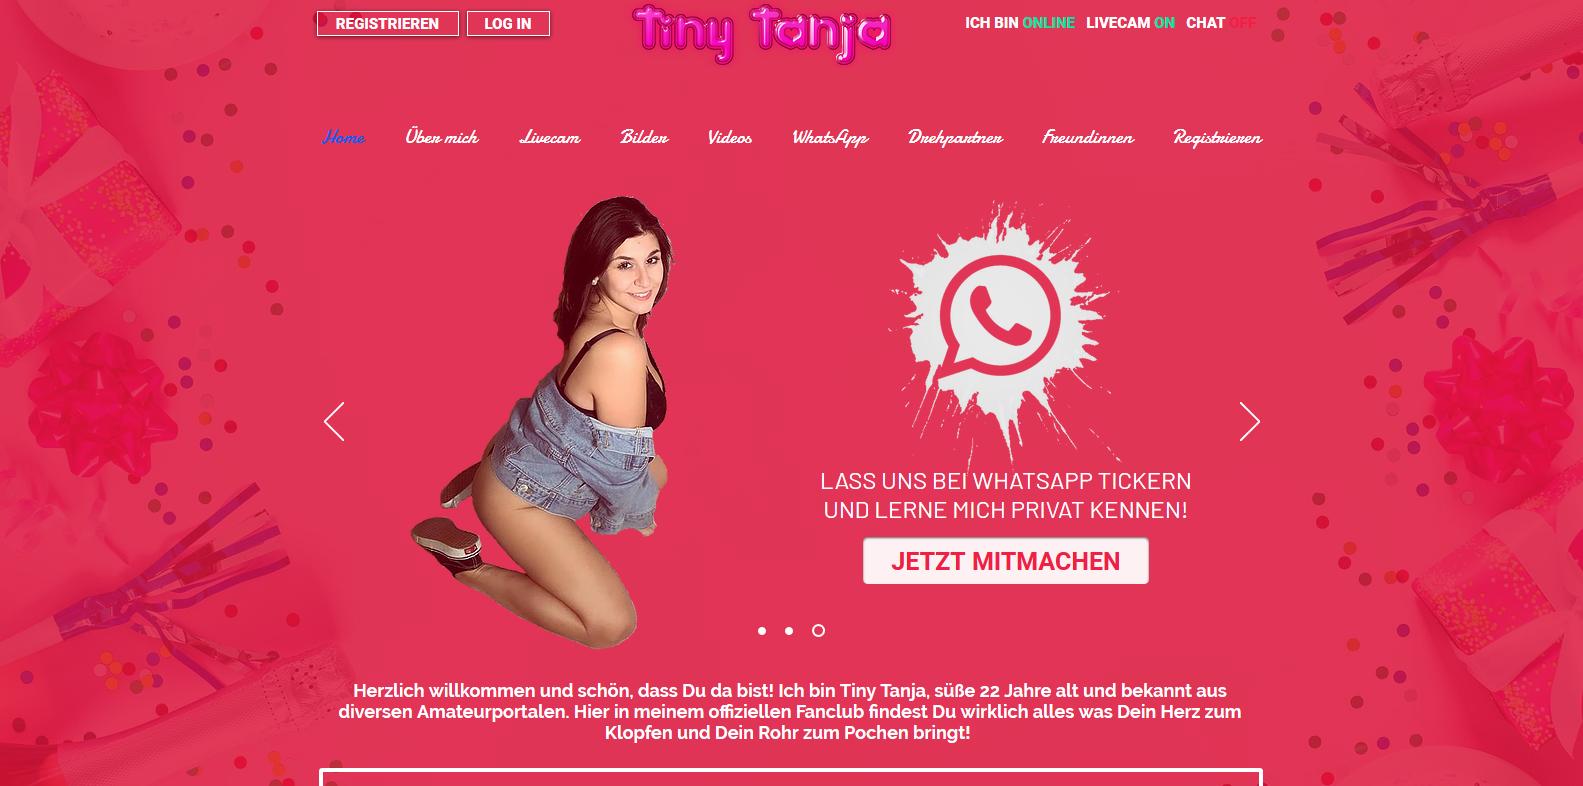 Schlüsselfertiges Adult Erotik Webprojekt mit Hohen Einnahmen